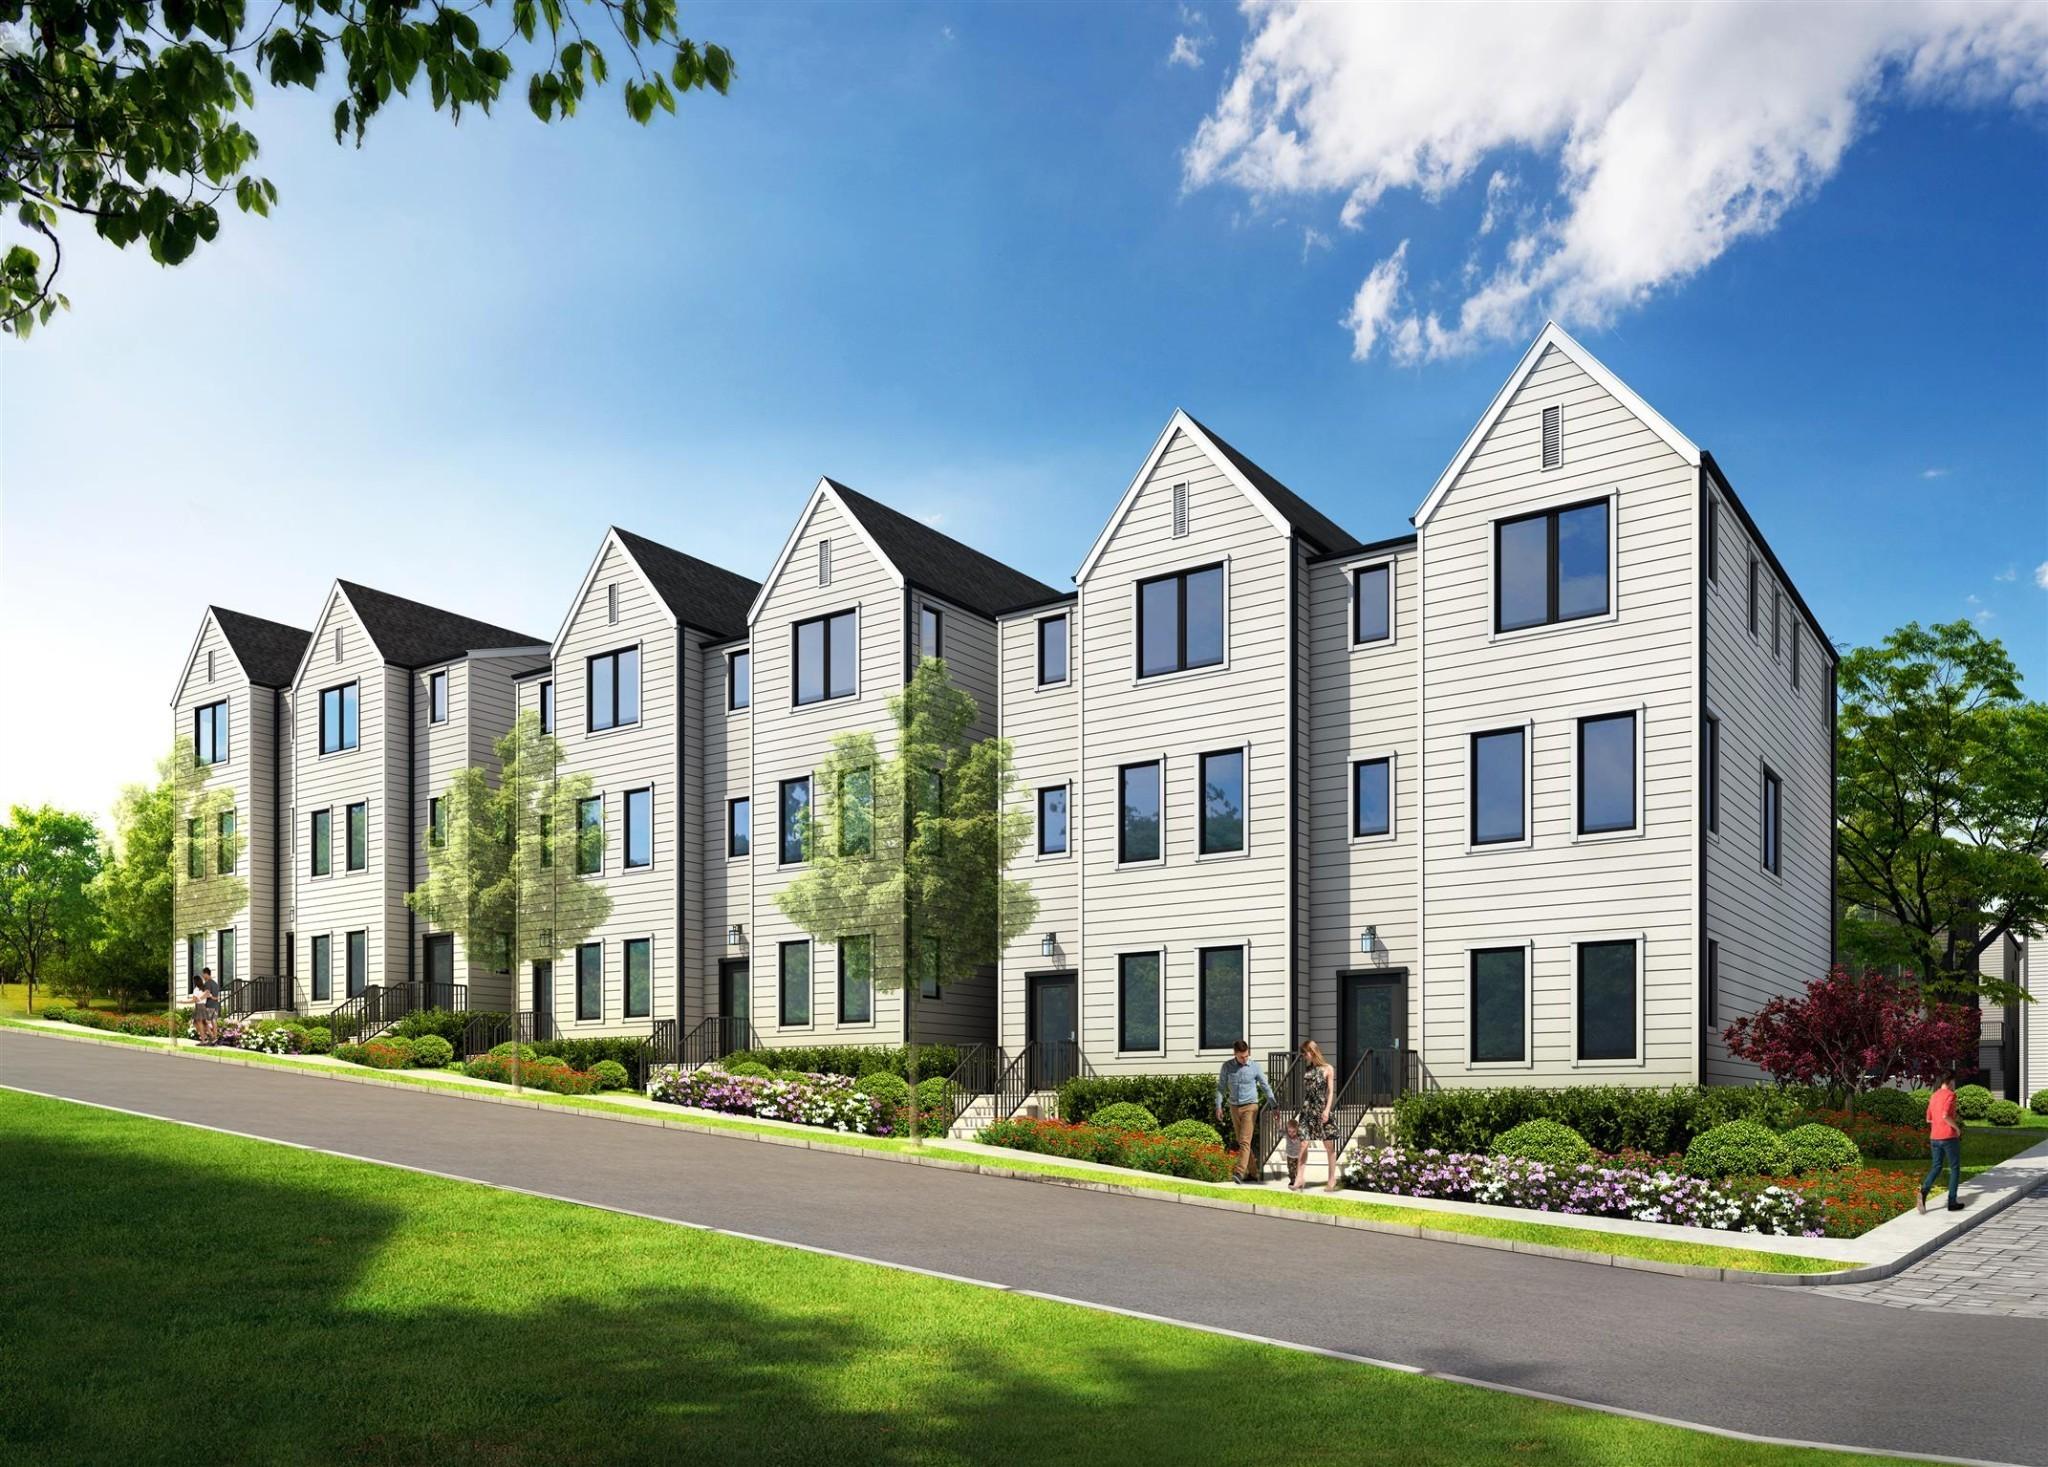 243 Sterling St, Nashville, TN 37209 - Nashville, TN real estate listing